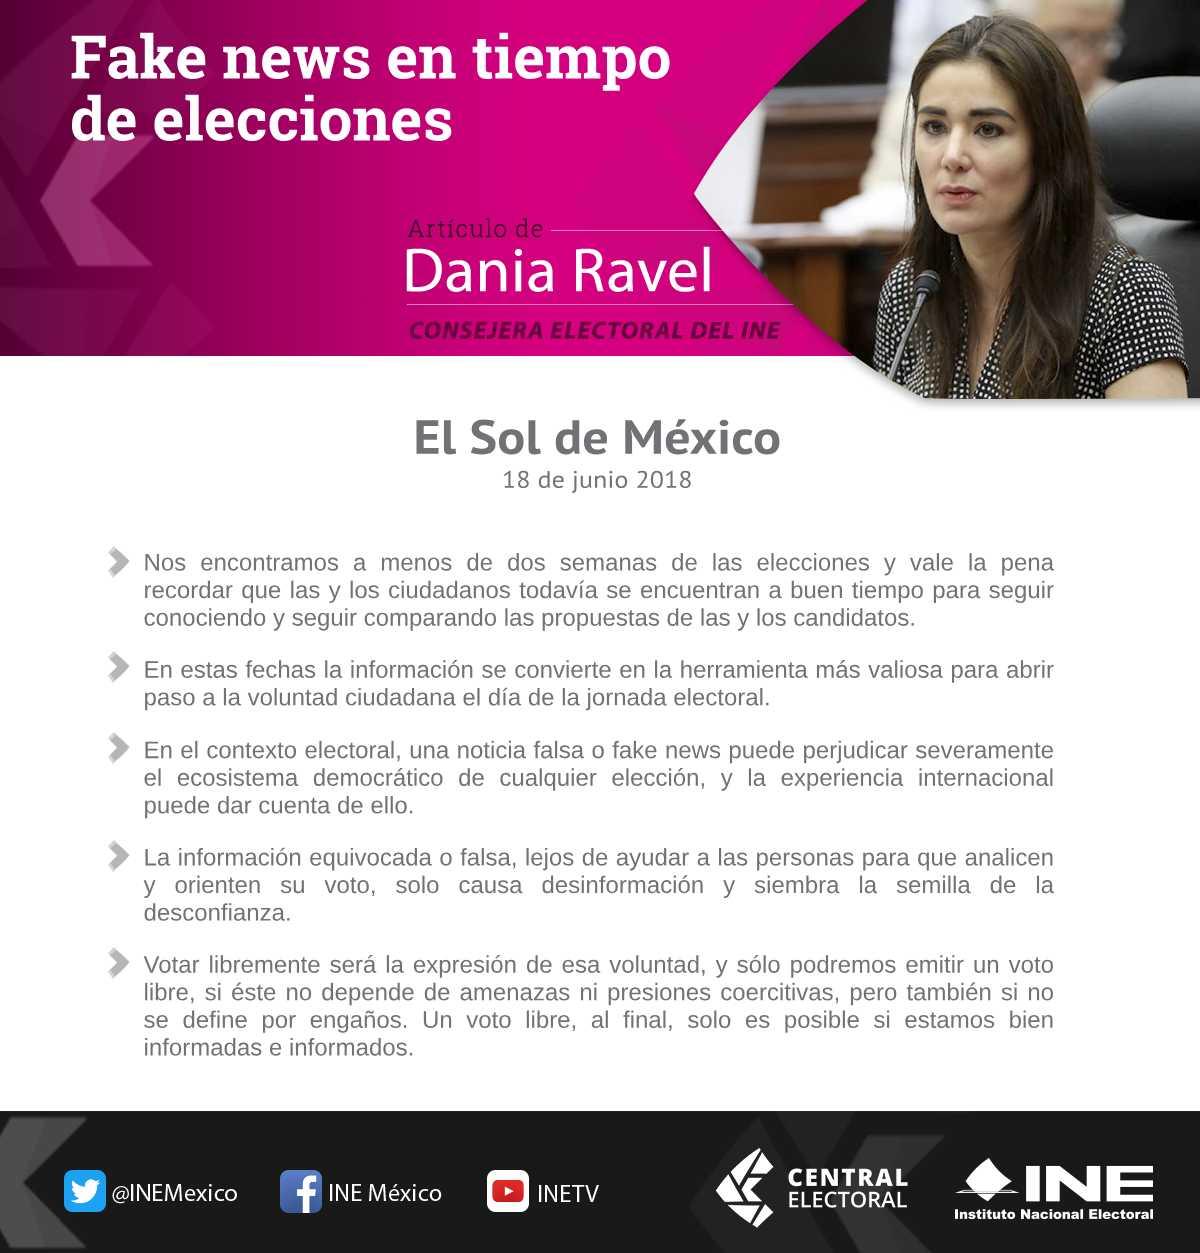 fake news en tiempo de elecciones artículo de dania ravel